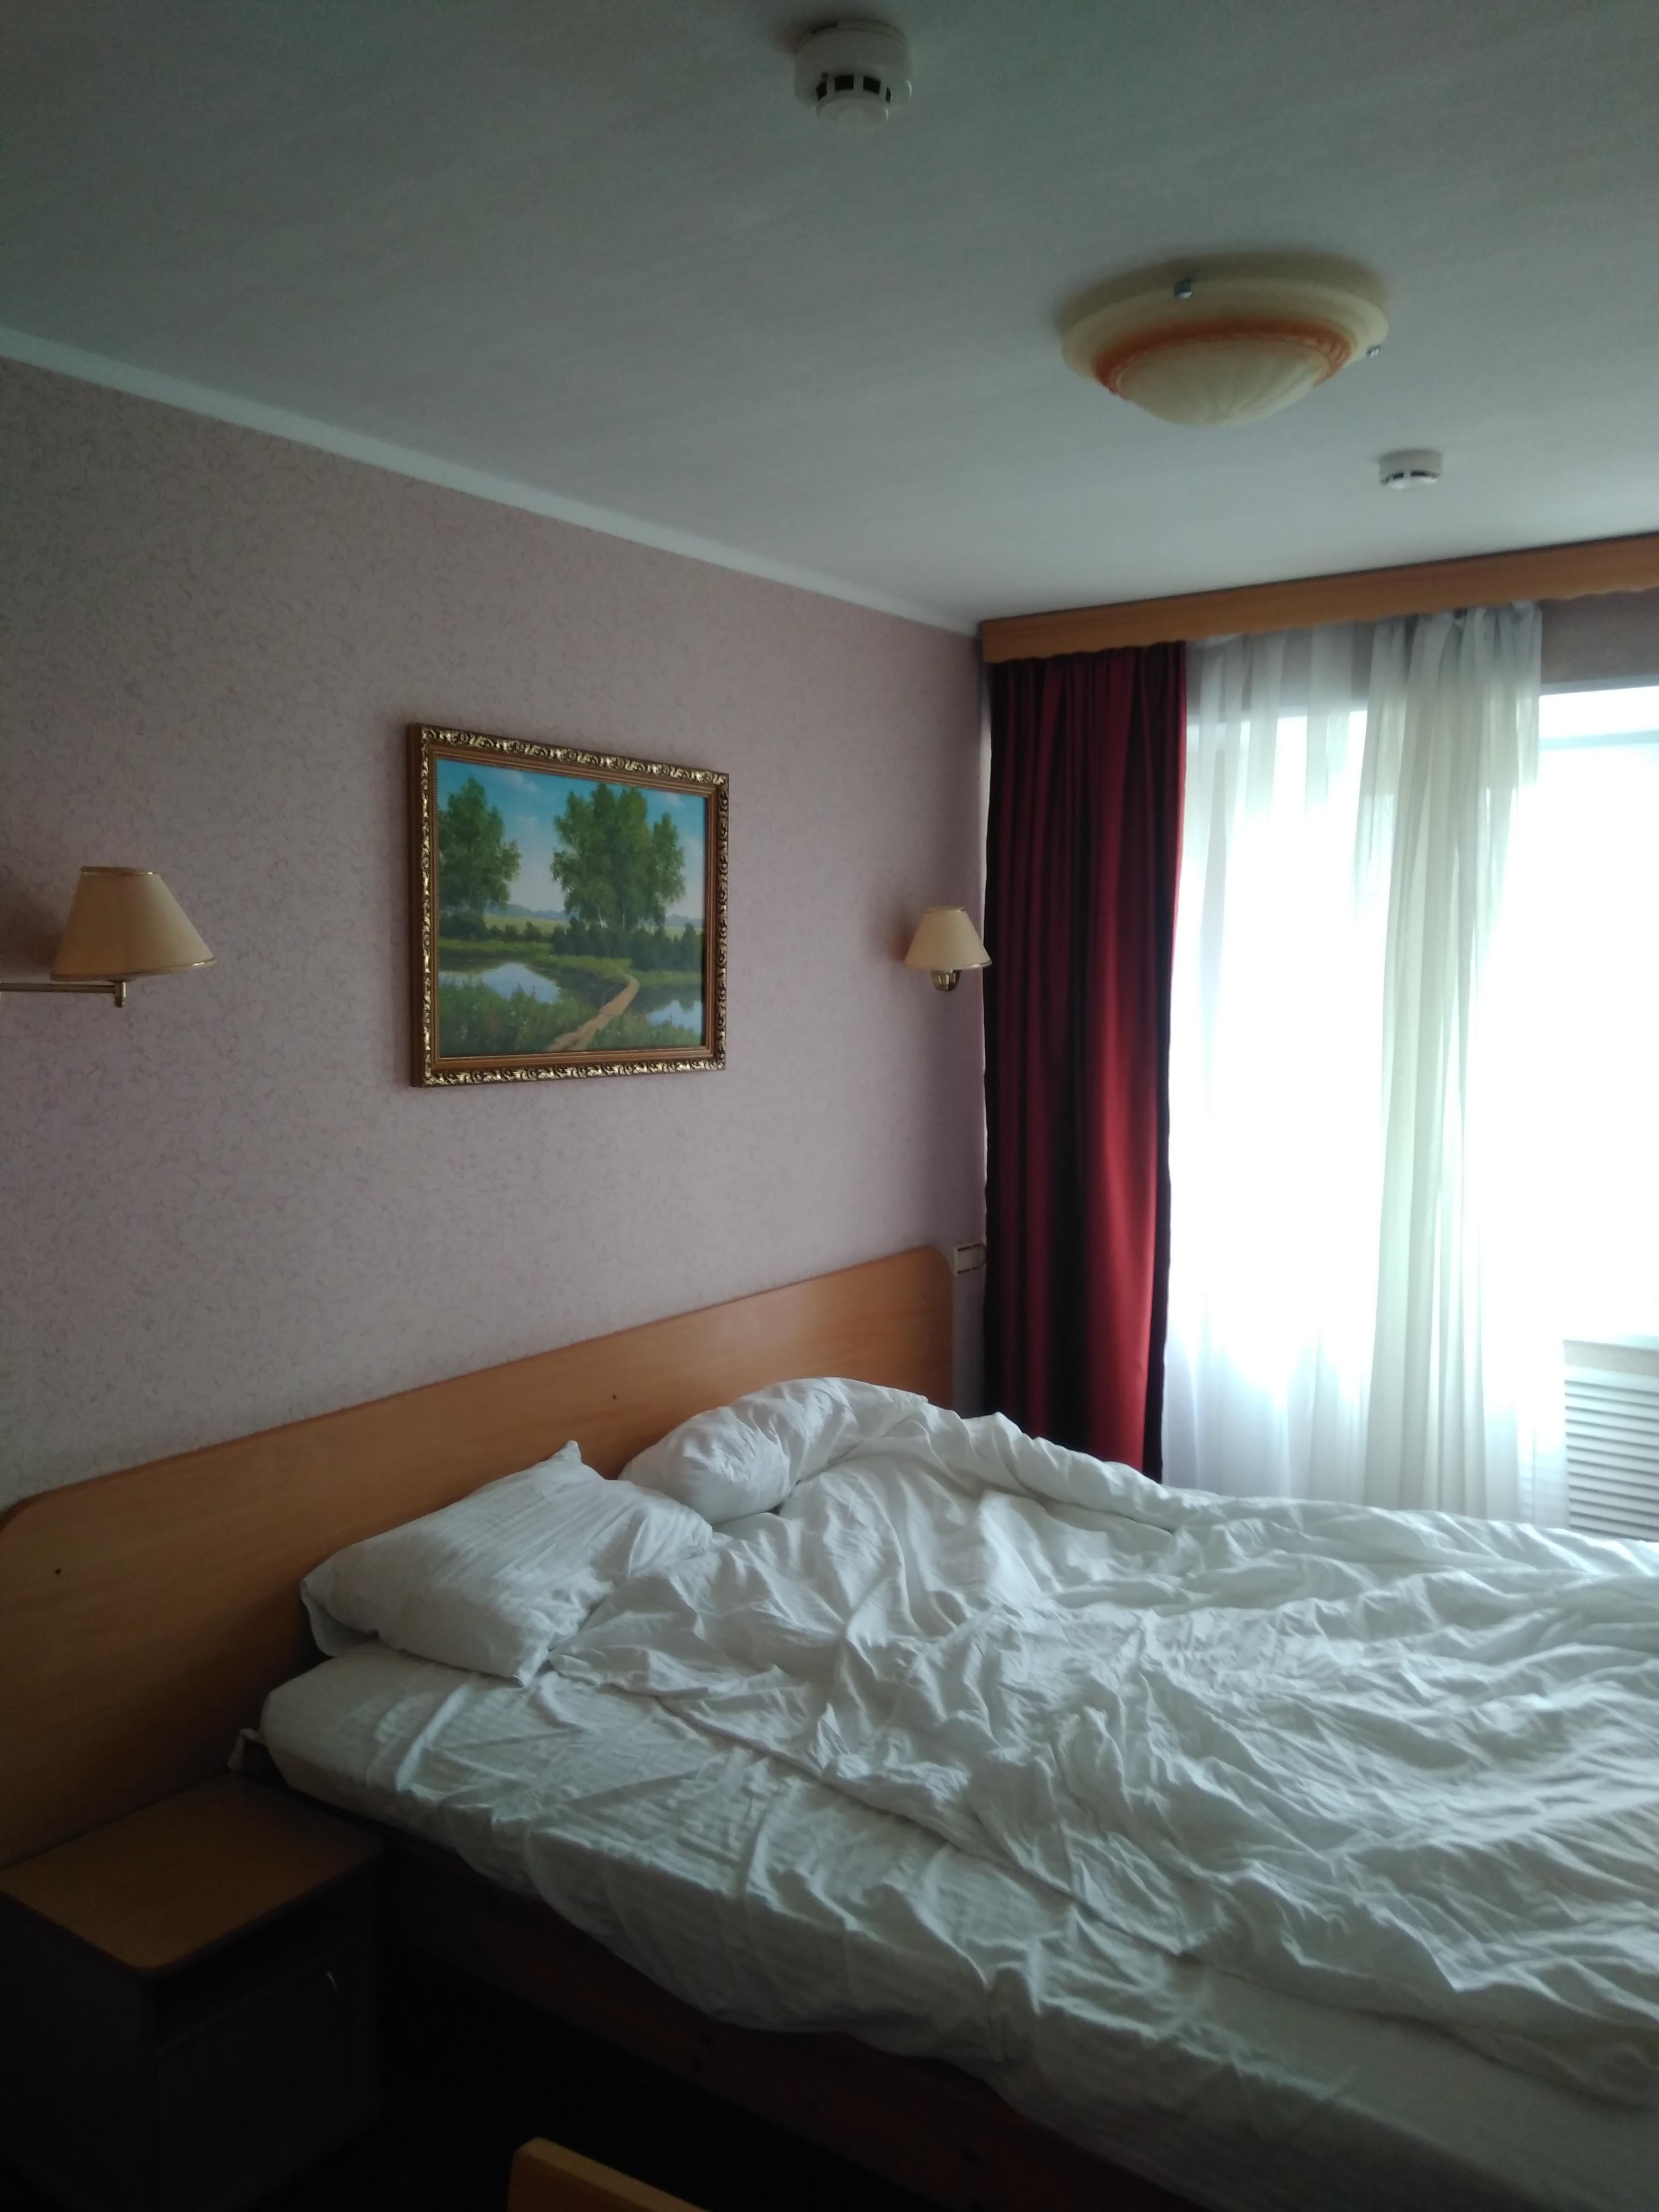 АМАКС Золотое кольцо, гостинично-развлекательный комплекс - №18